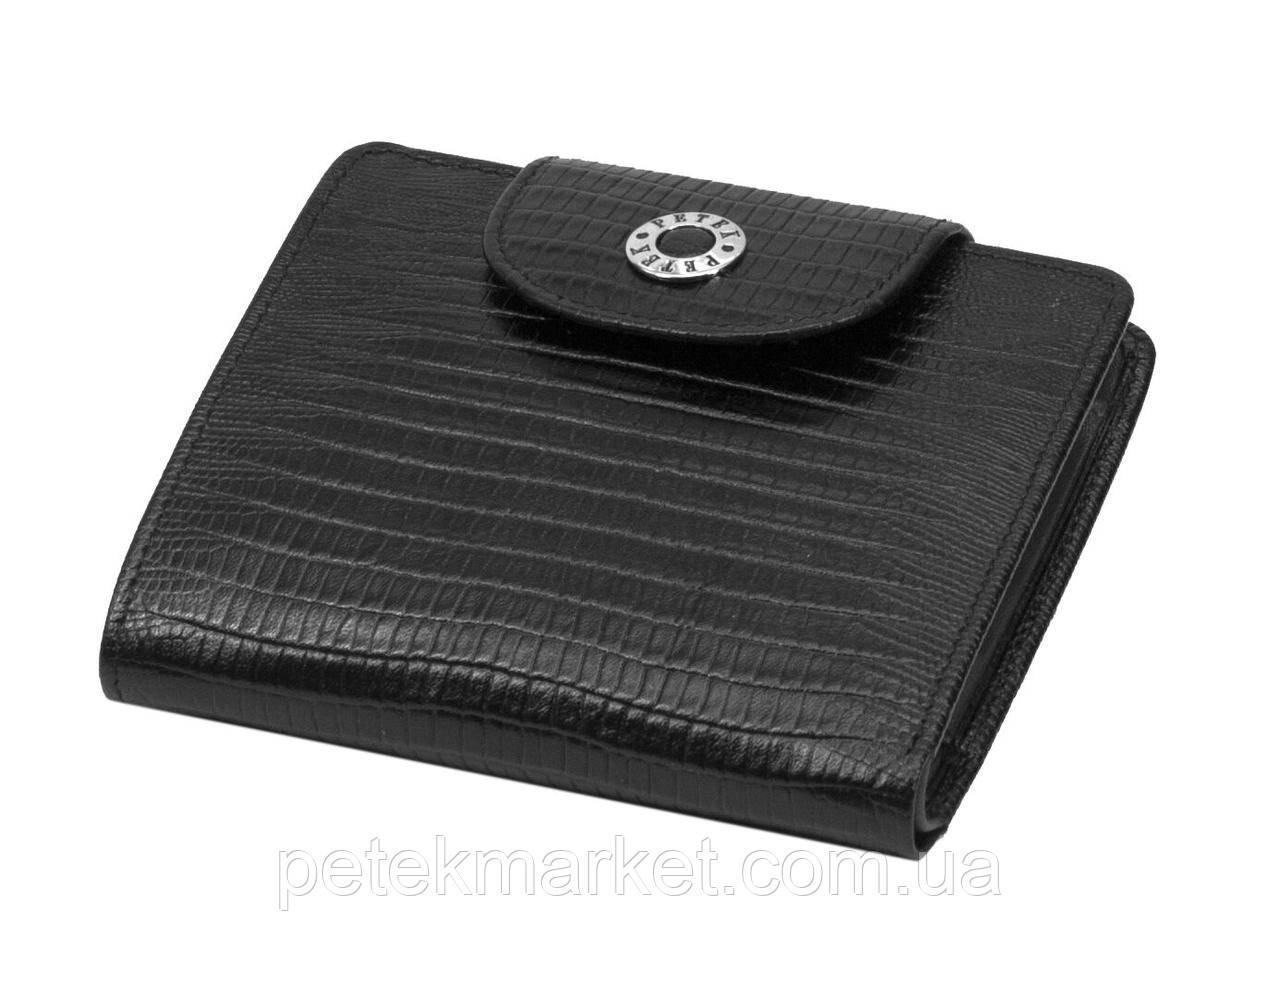 Кожаный женский кошелек Petek 346-041-01